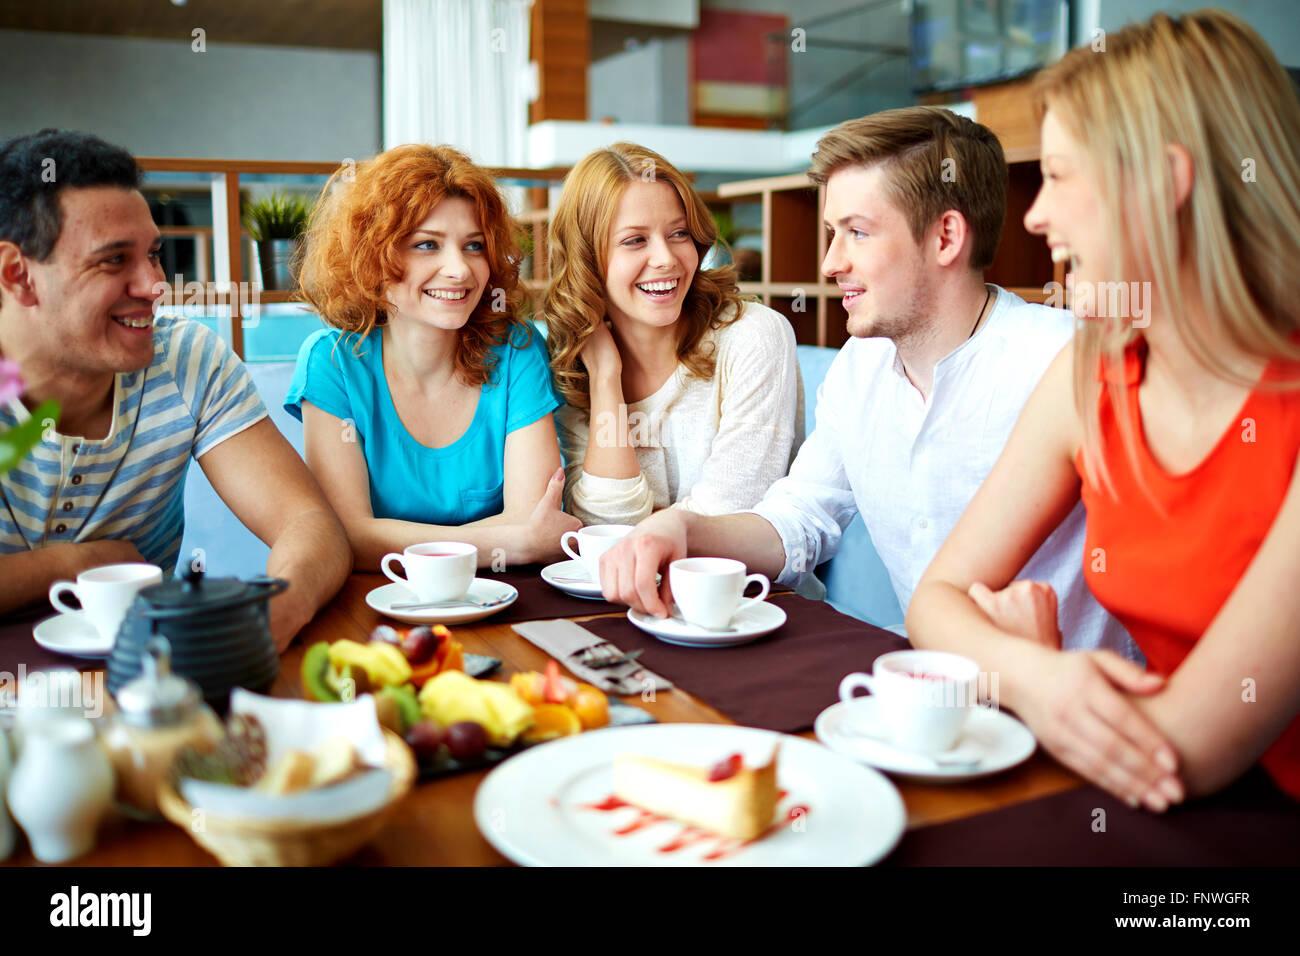 Feliz de tener amigos adolescentes hablar por taza de té en el café Imagen De Stock